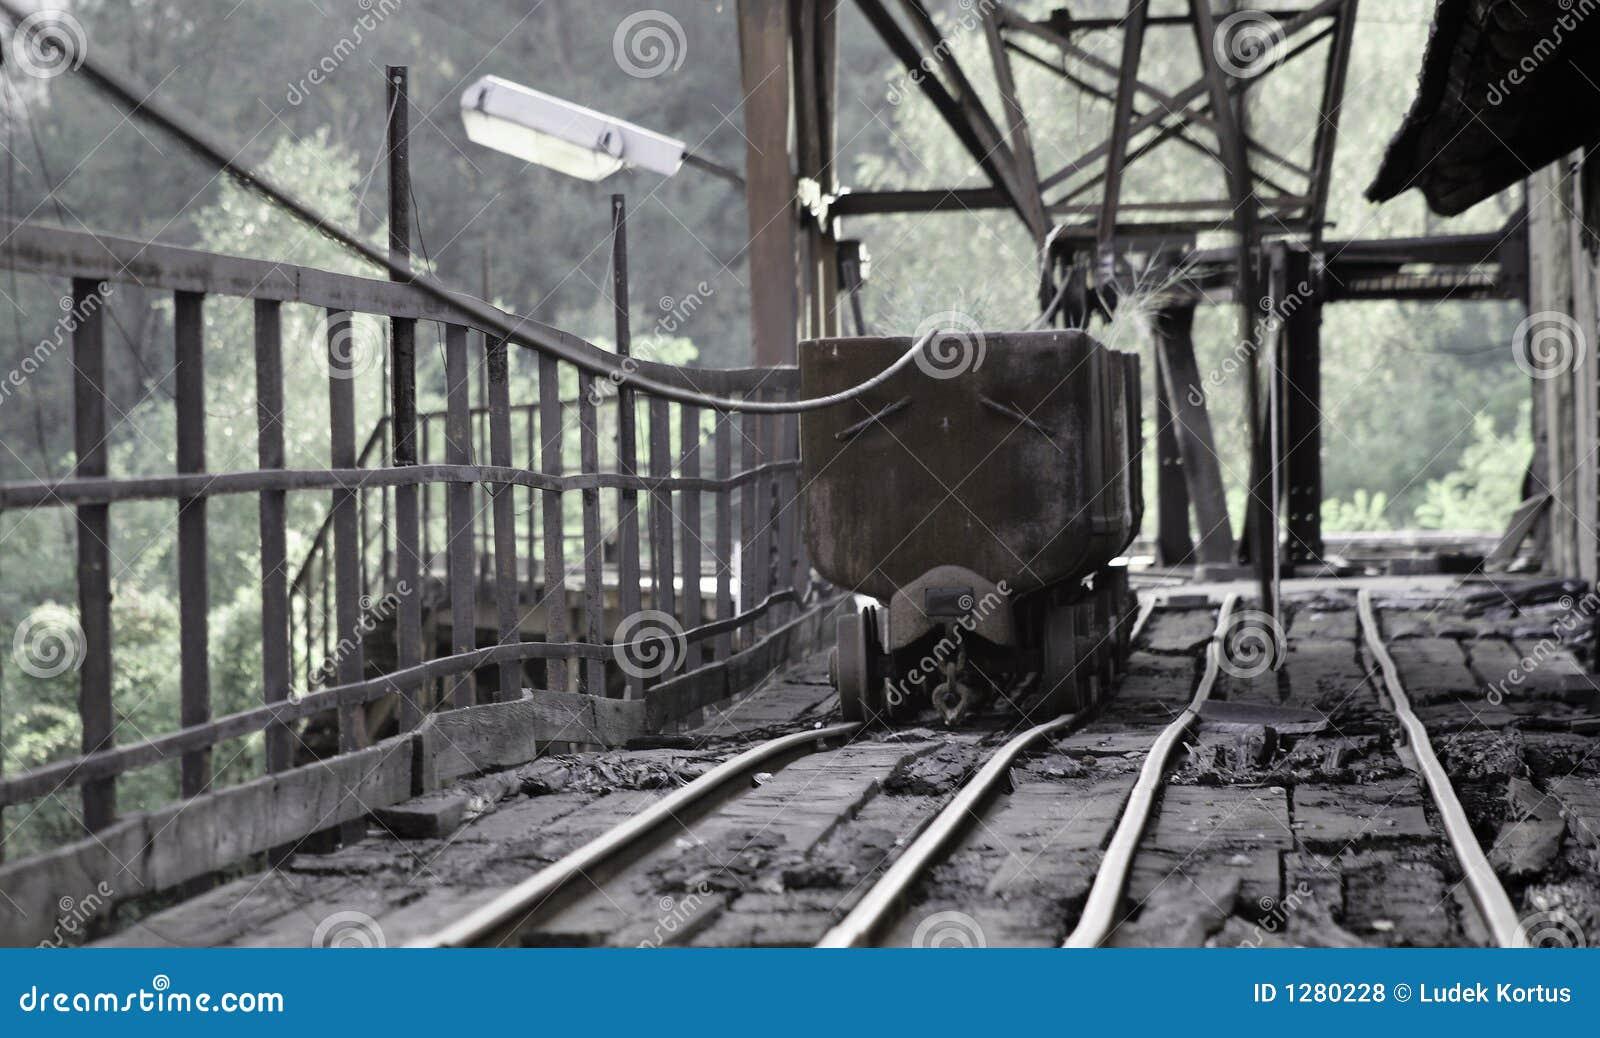 Alter Bergbaulastwagen mit Lampe